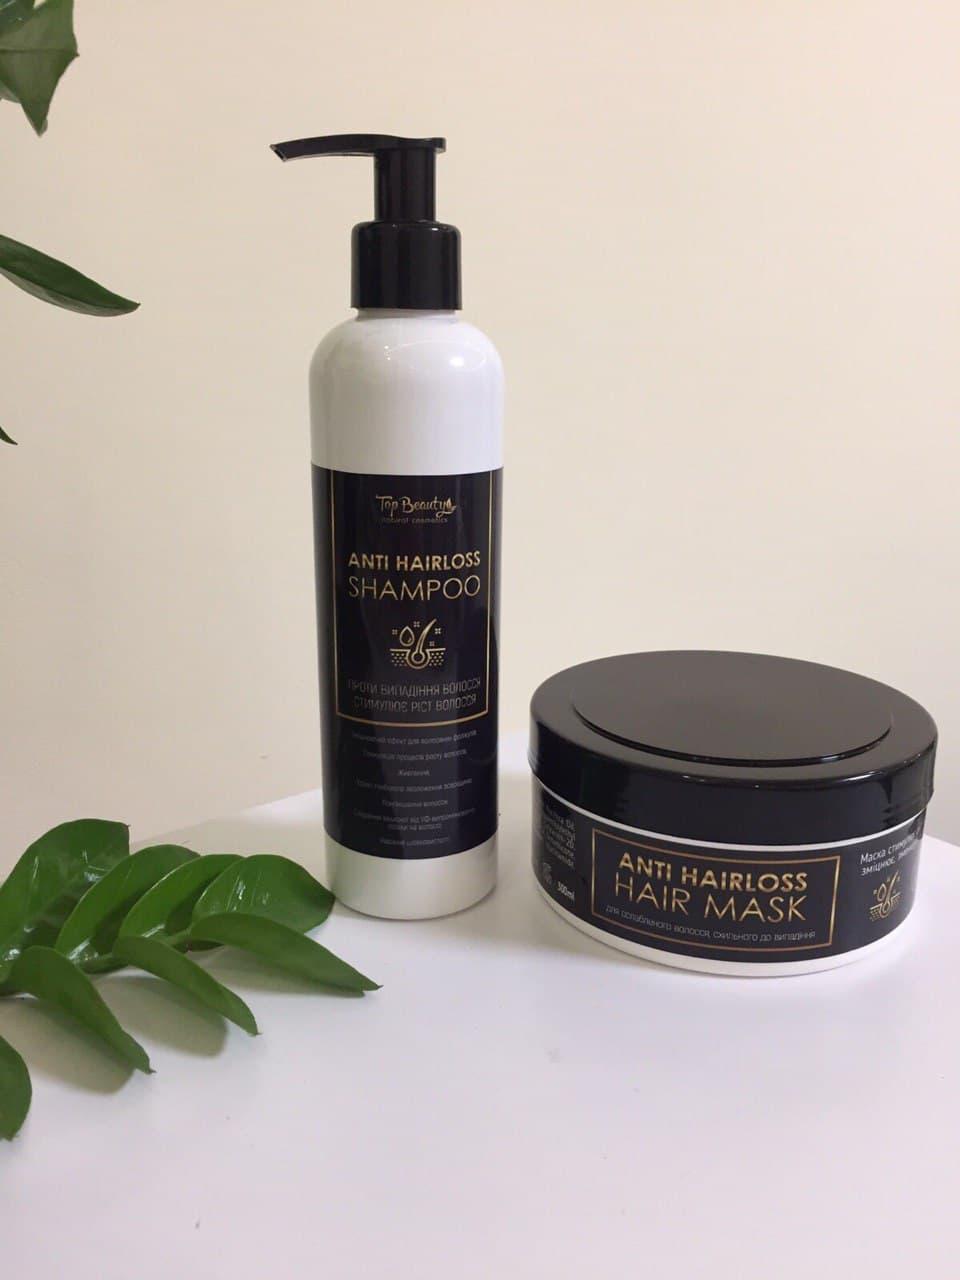 Шампунь против выпадения и для активного роста волос Top Beauty Shampoo Anti Hairloss 250 мл